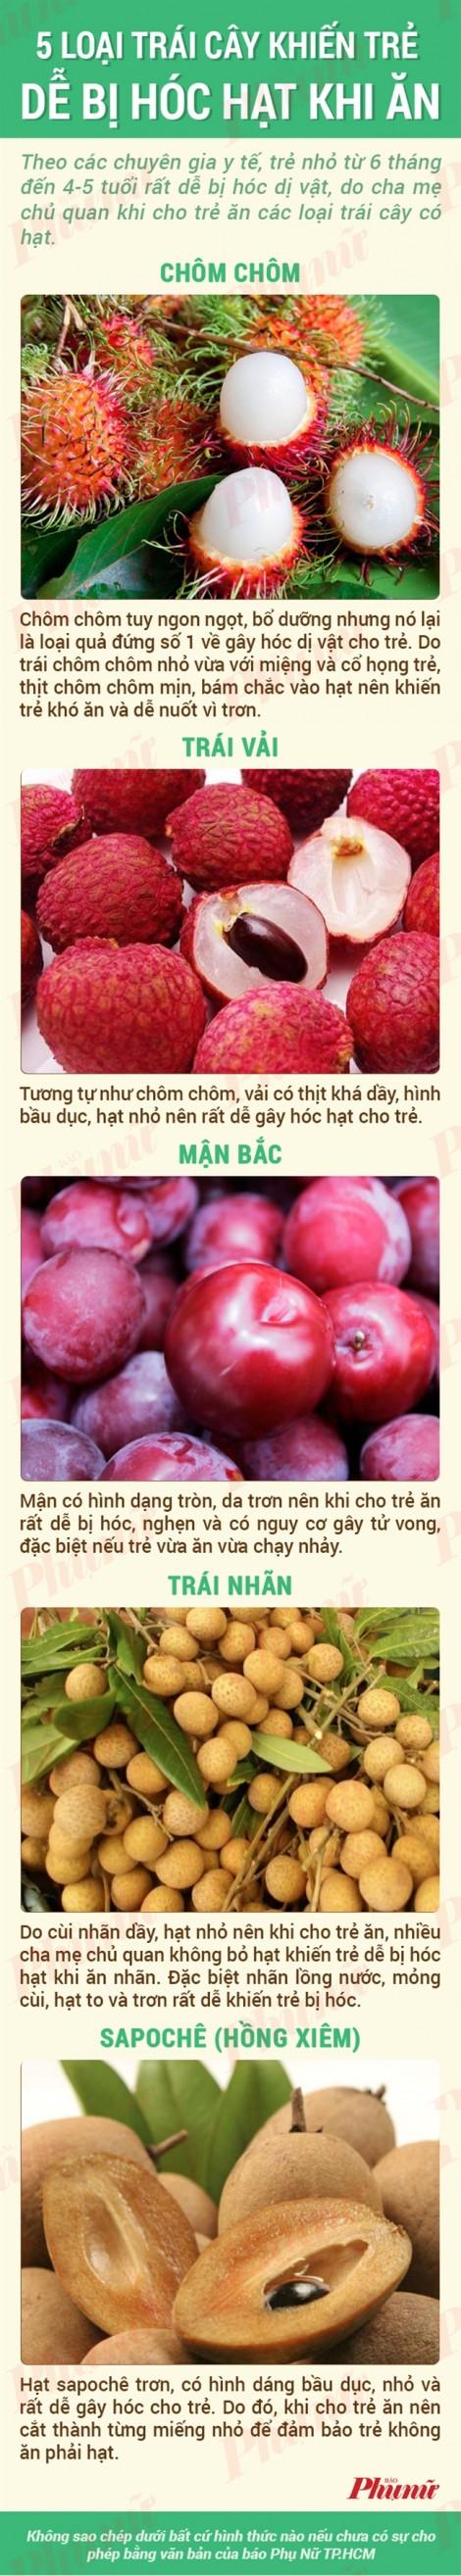 5 loại trái cây khiến trẻ dễ bị hóc hạt khi ăn